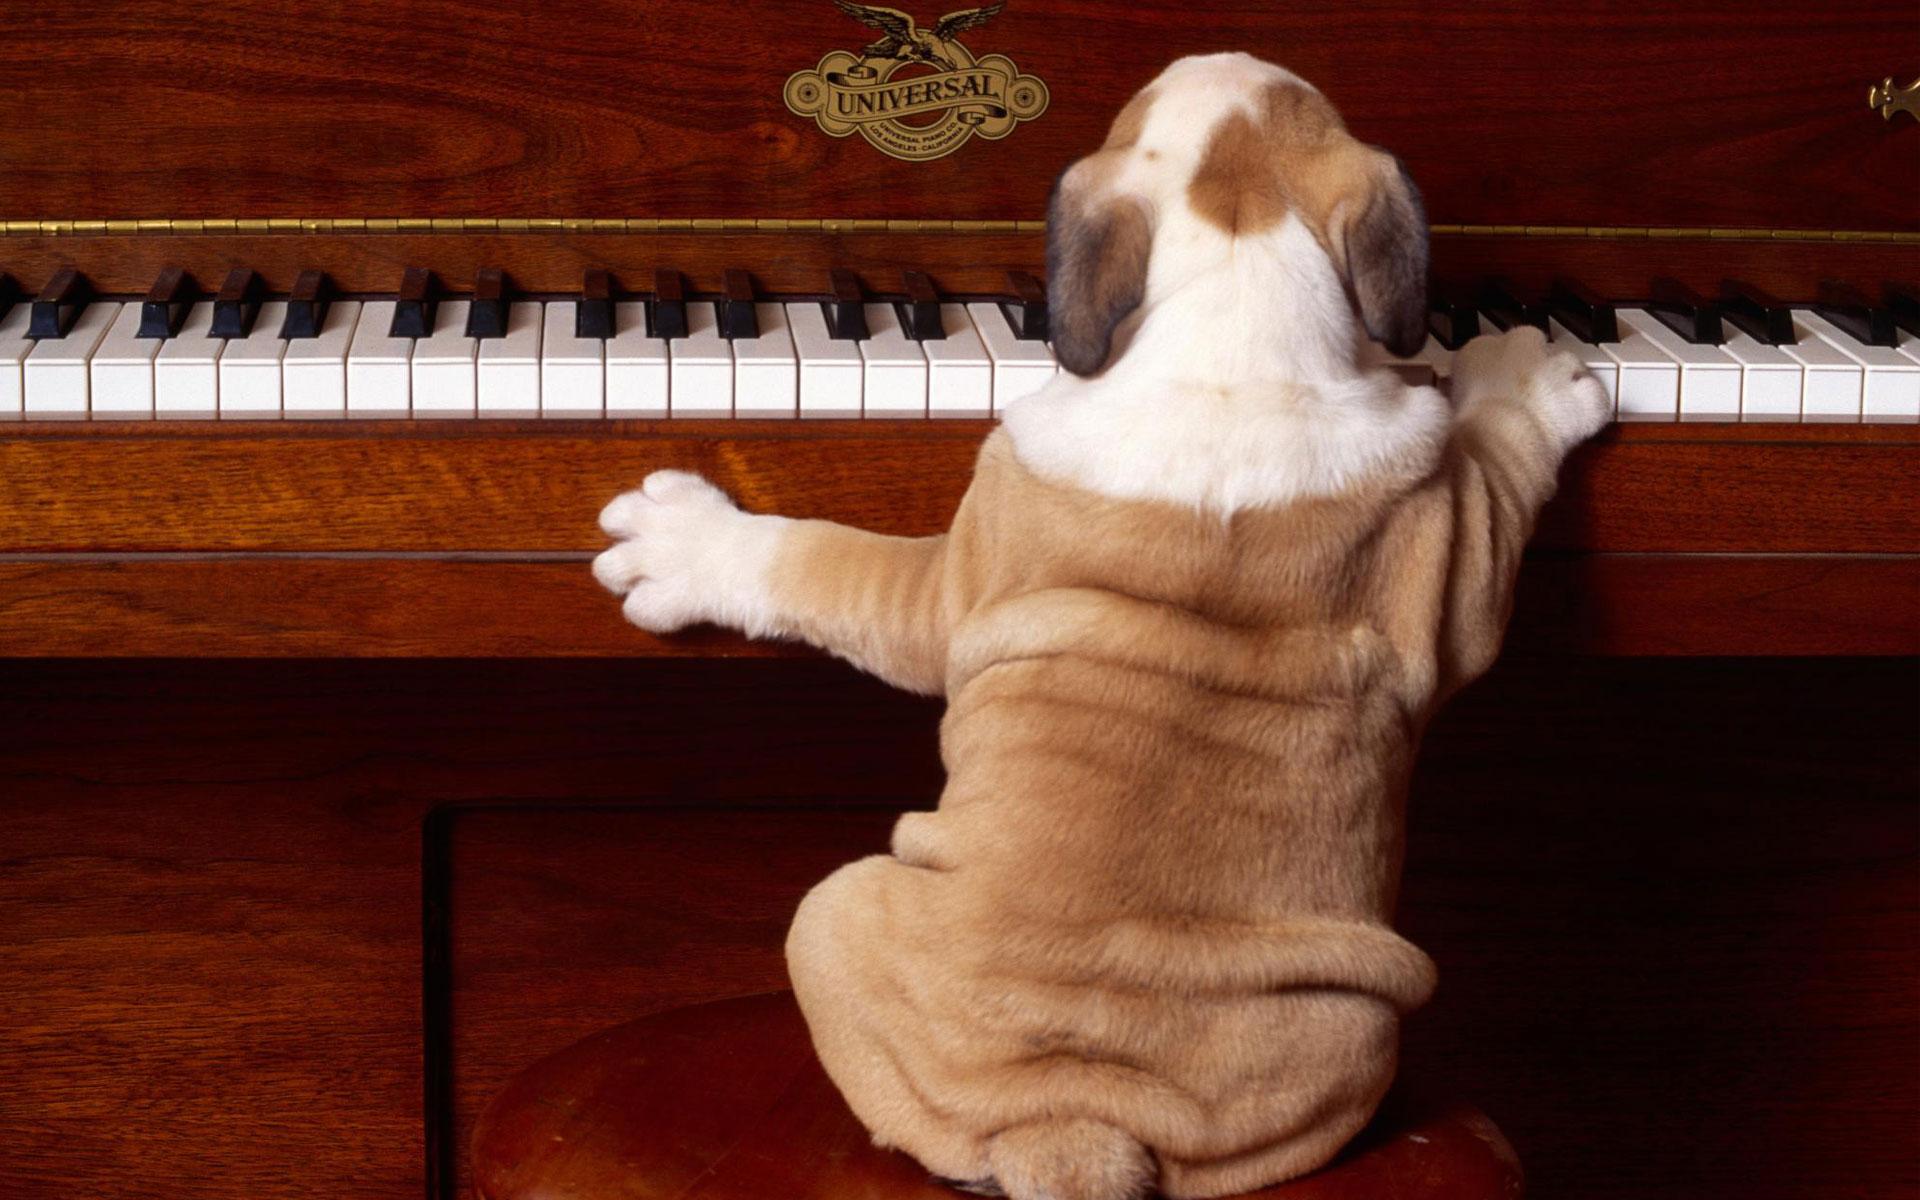 Perro tocando piano - 1920x1200